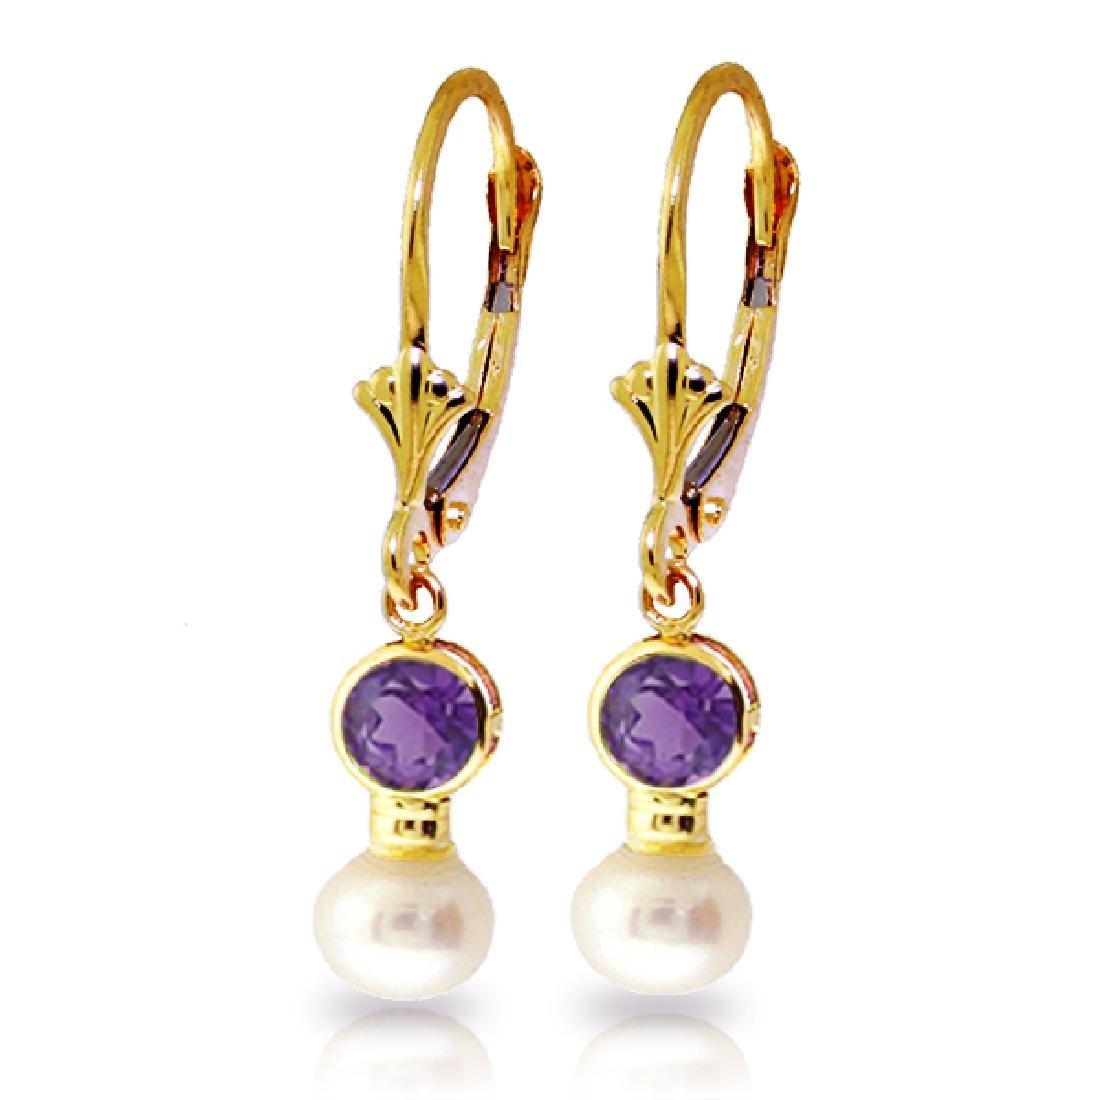 Genuine 5.2 ctw Amethyst & Pearl Earrings Jewelry 14KT